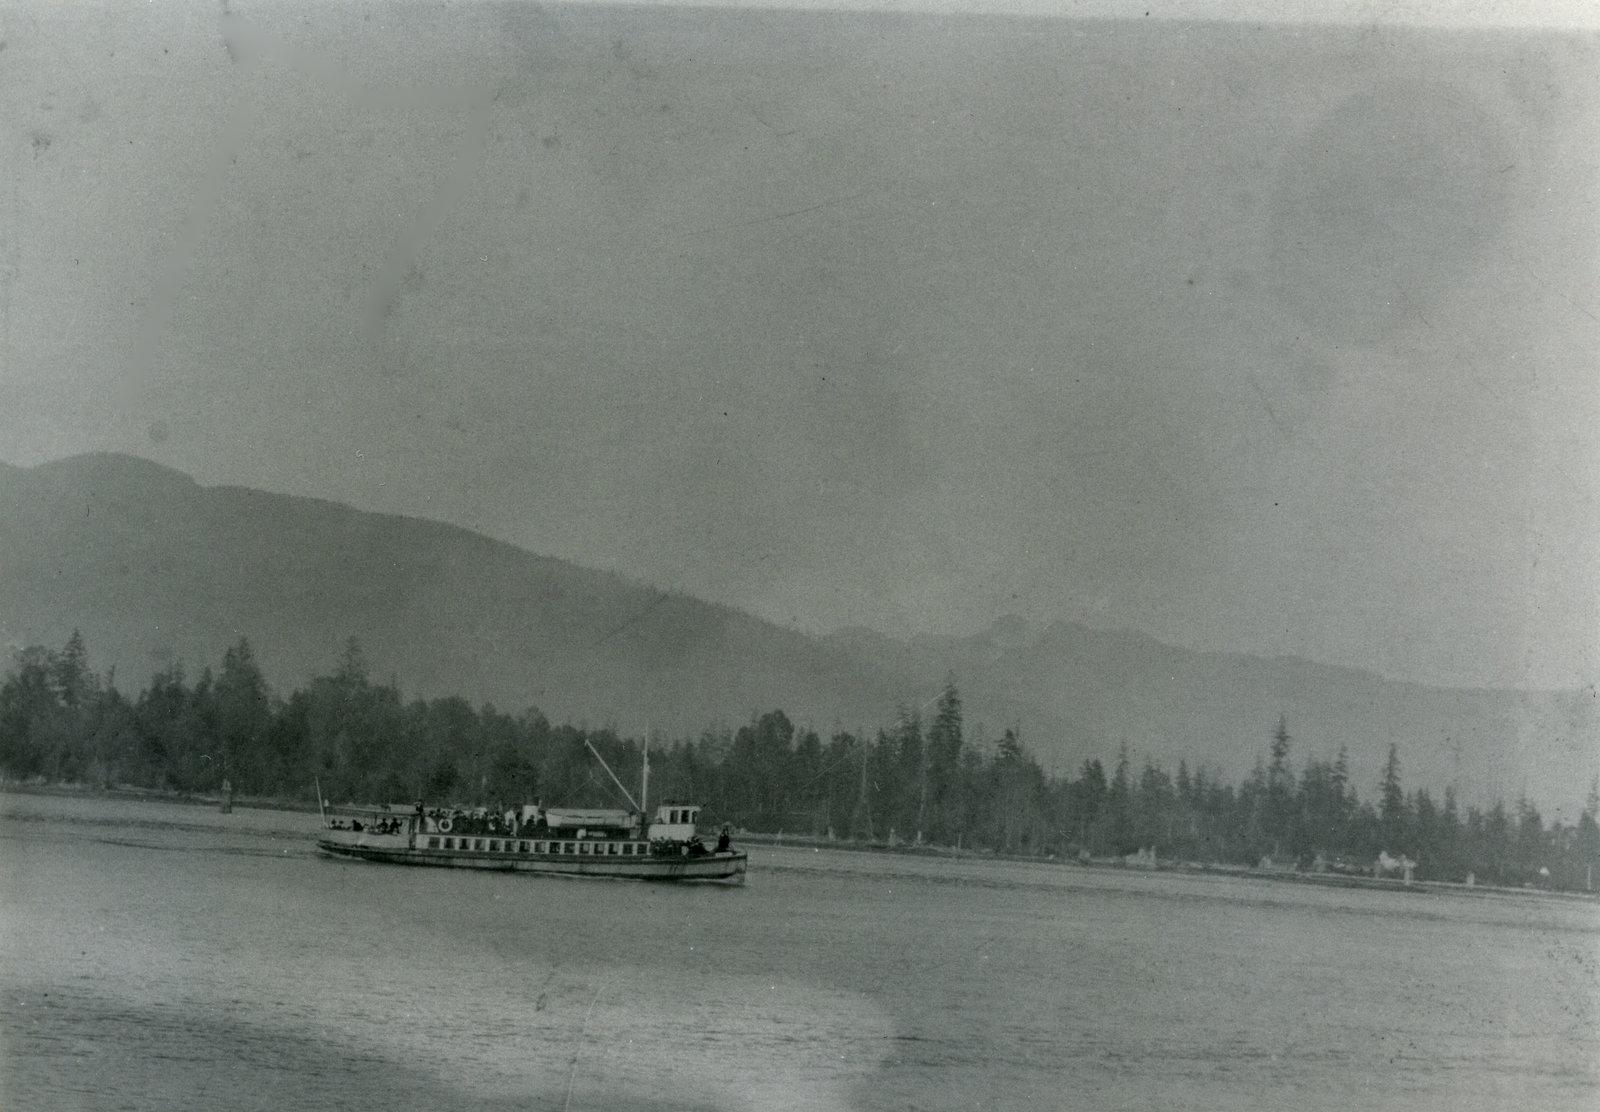 West Van Ferry